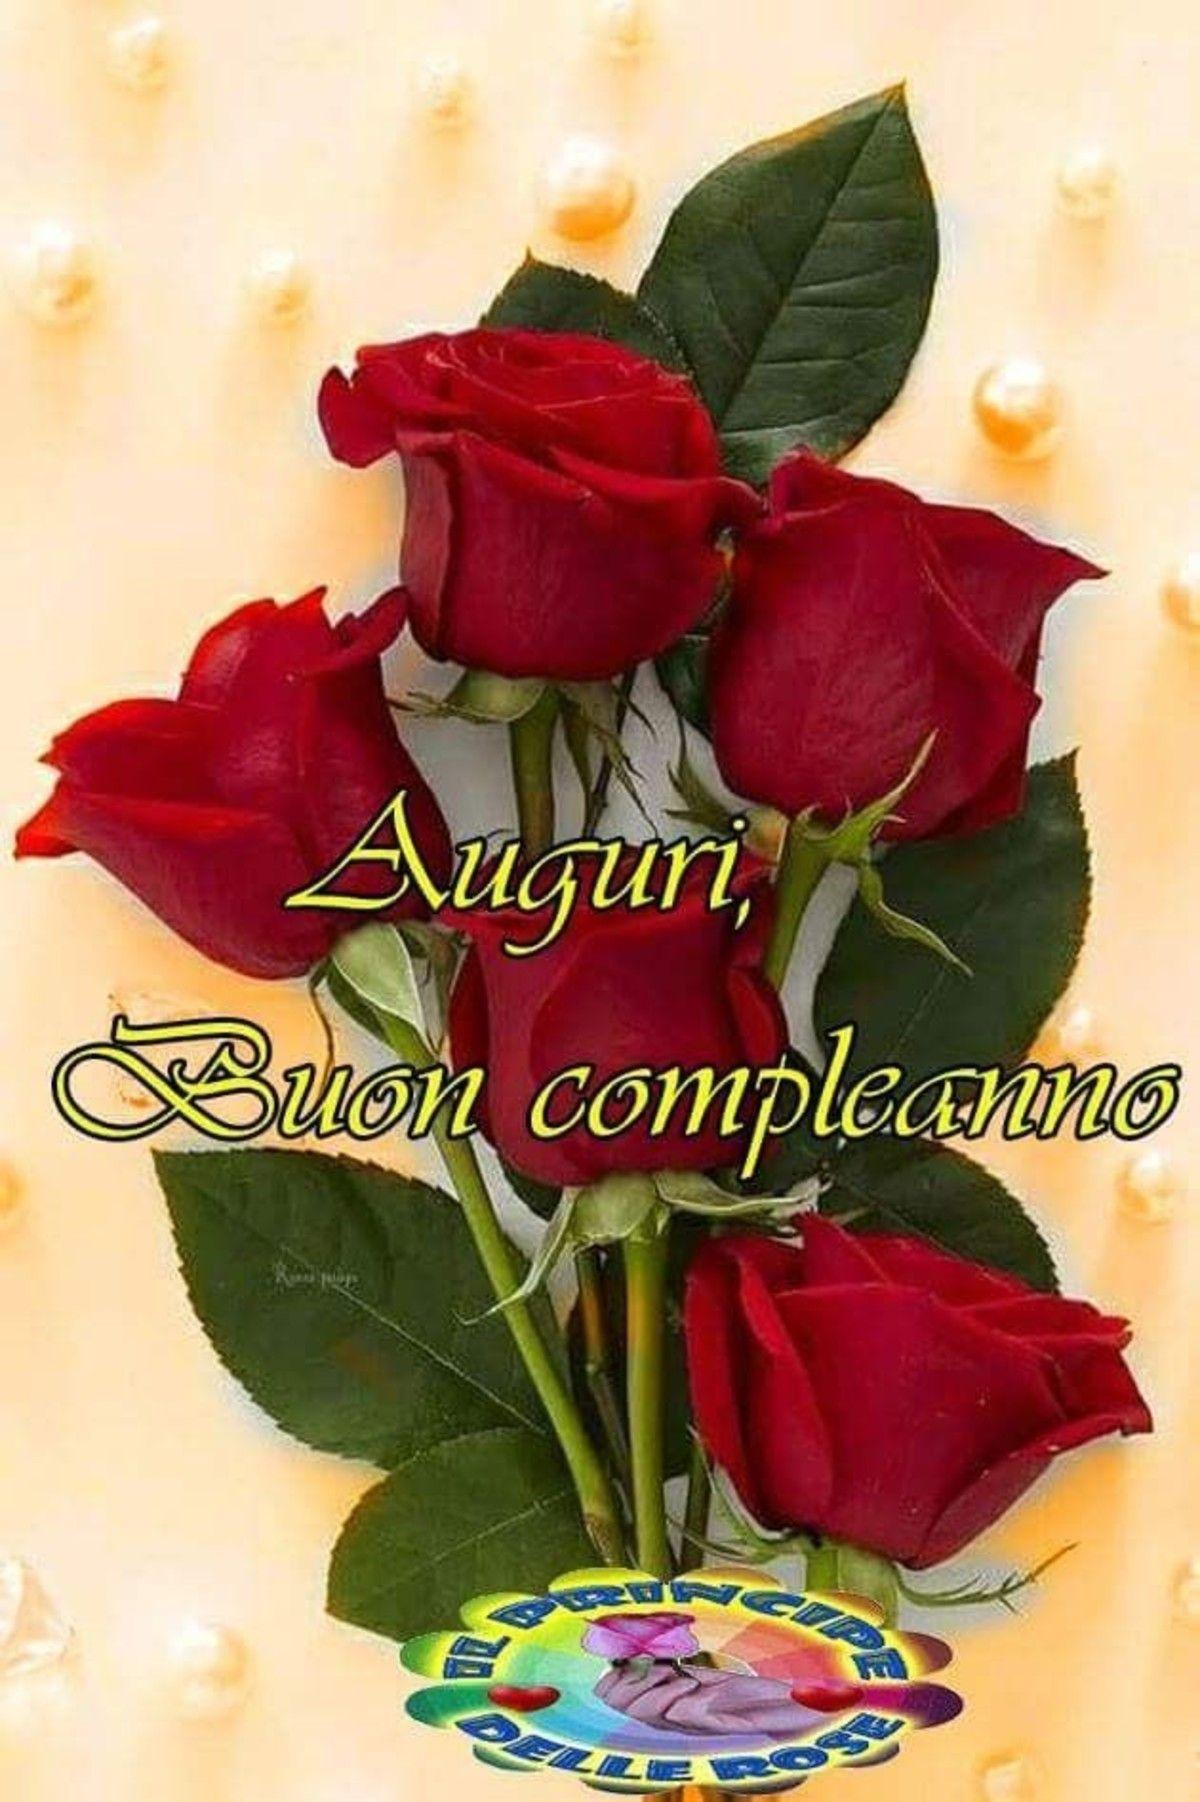 Super Buon compleanno rose - BuongiornoATe.it | Buon compleanno, Auguri IN73